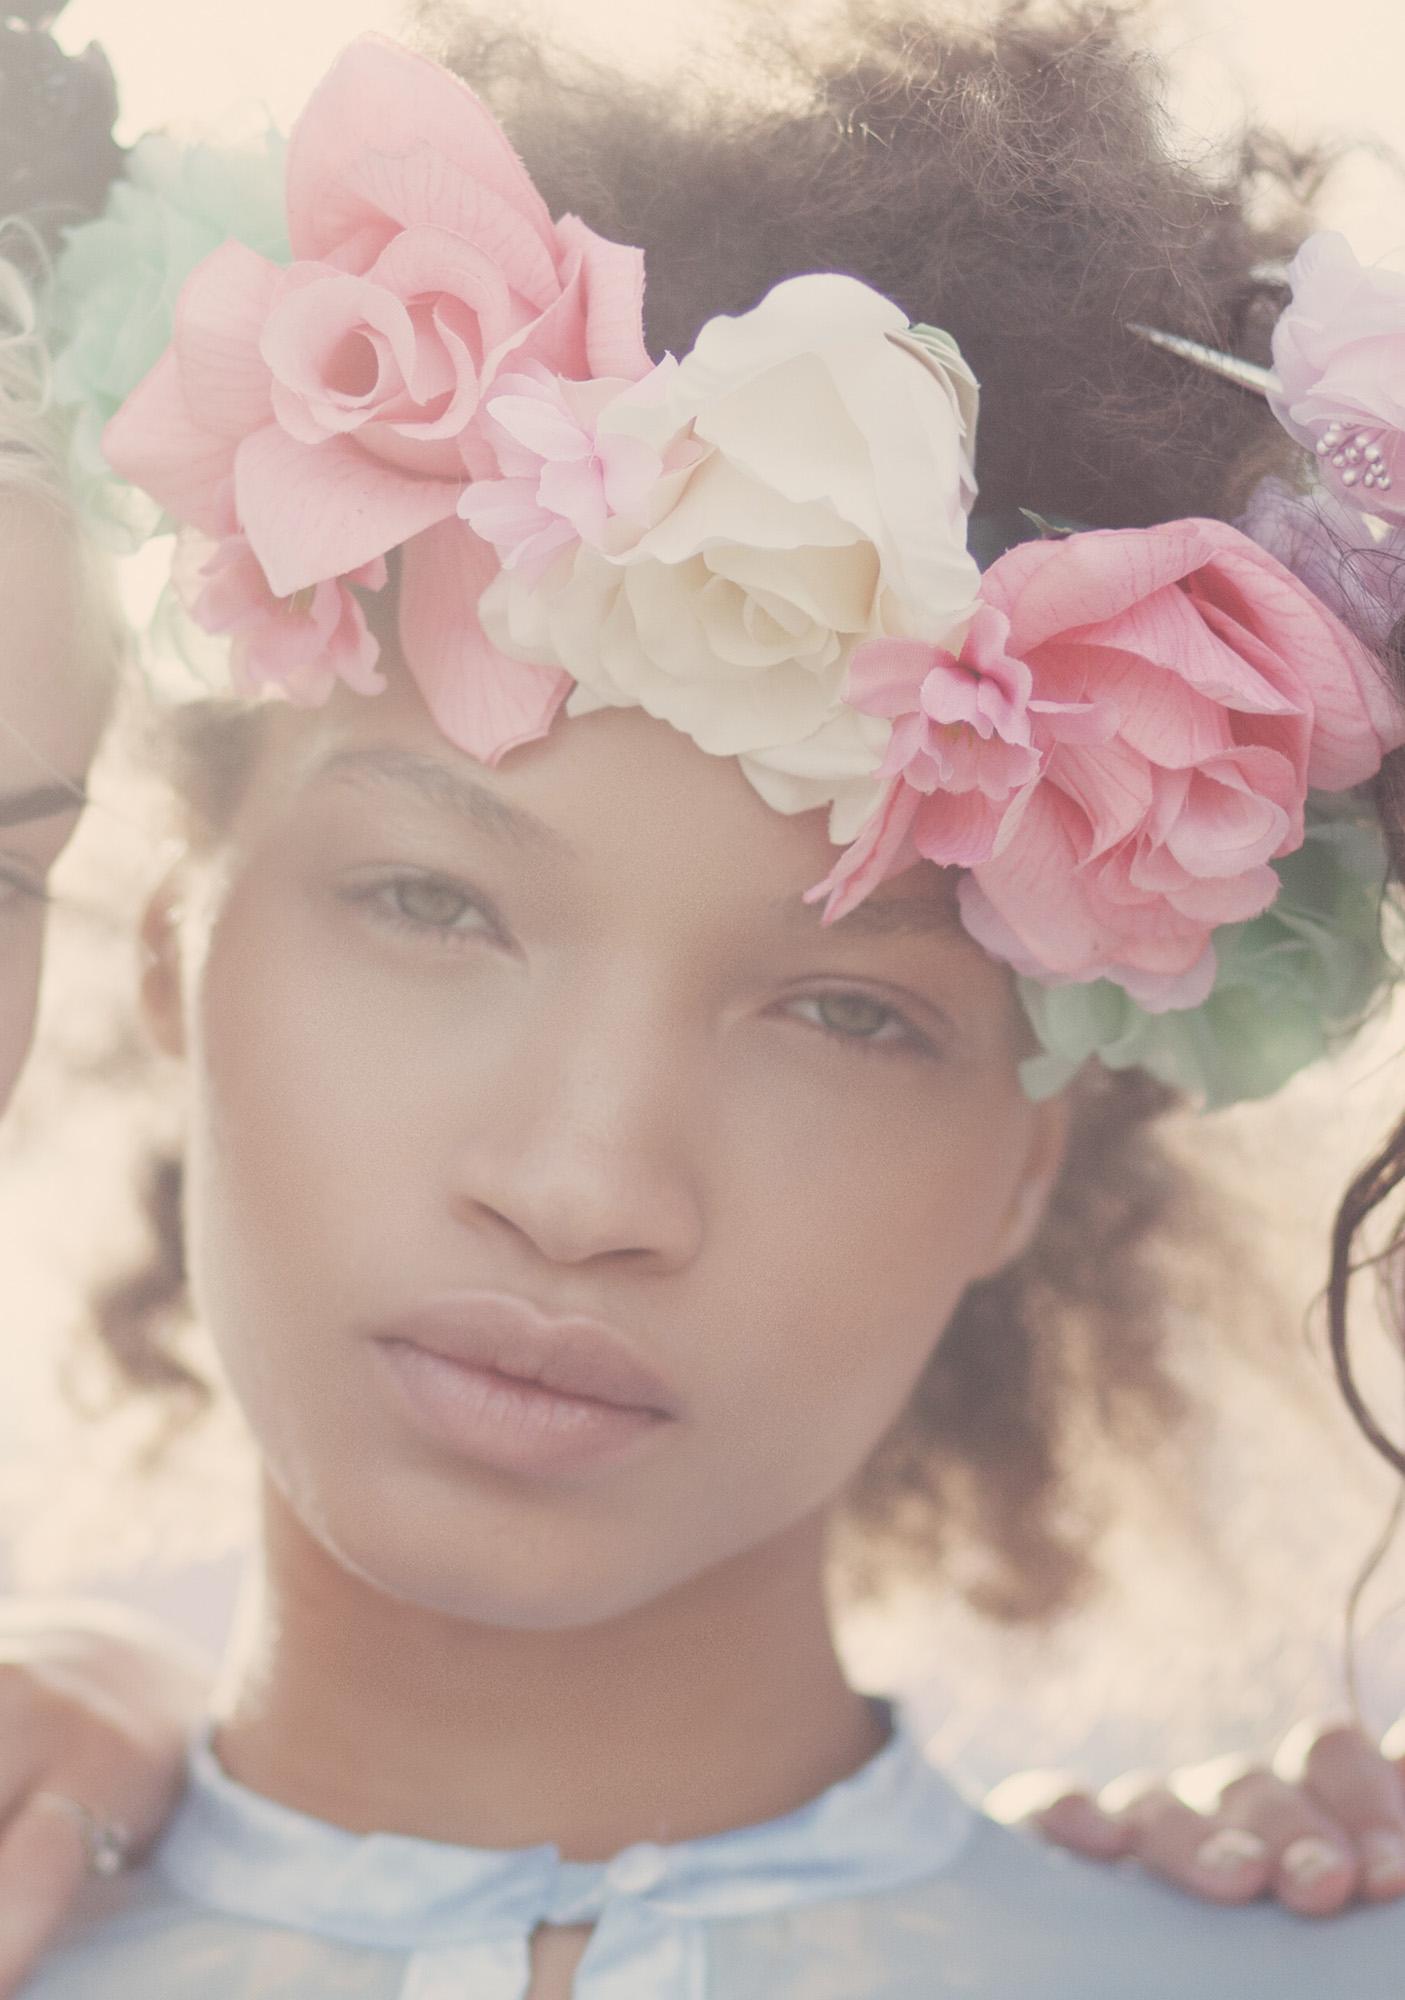 Garden of eden flower crown dolls kill garden of eden flower crown izmirmasajfo